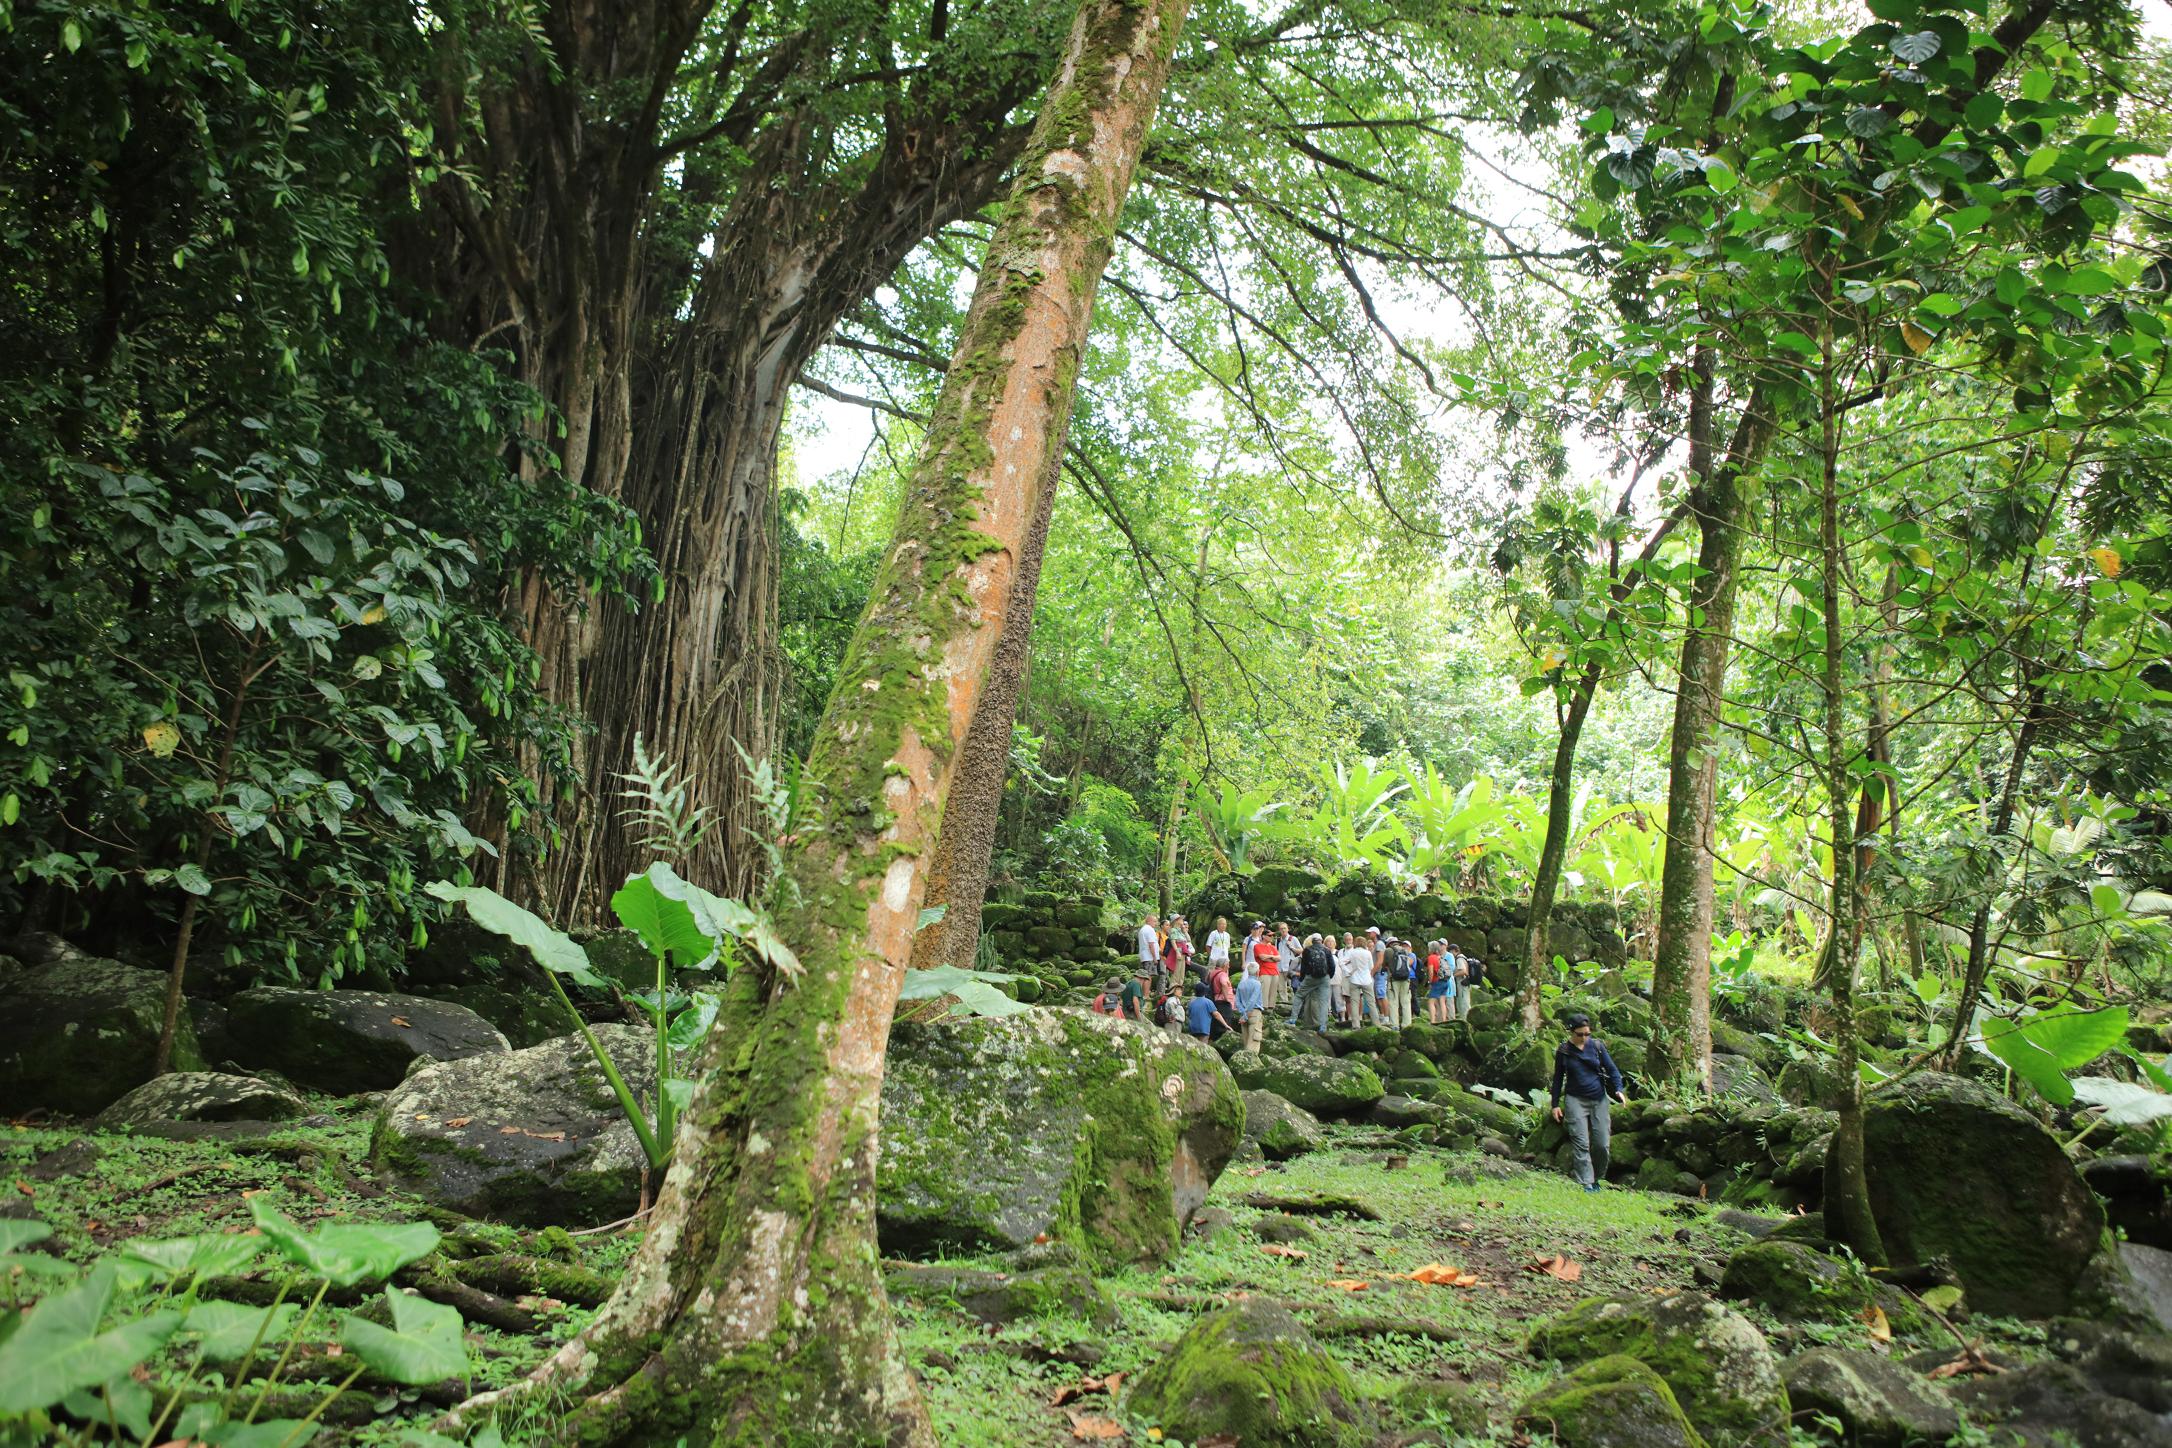 Nuku Hiva - Hiking activity